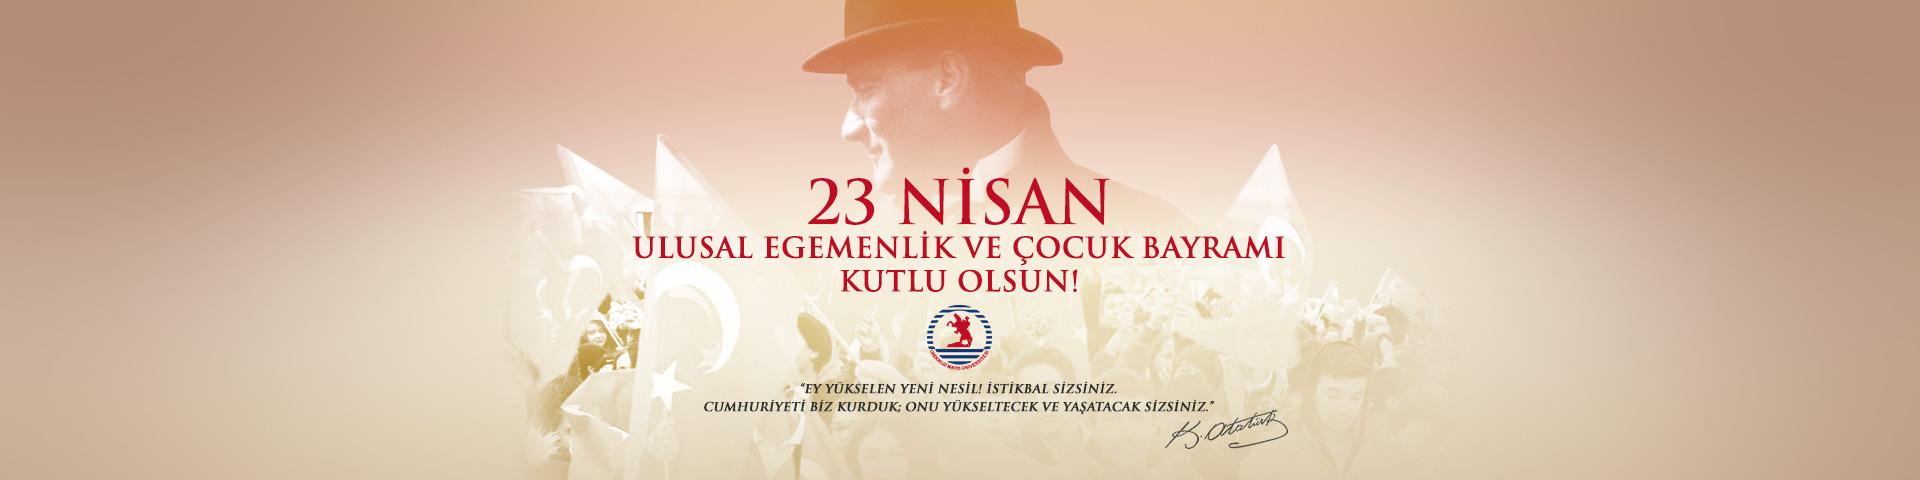 Rektör Bilgiç'in 23 Nisan Ulusal Egemenlik ve Çocuk Bayramı Mesajı